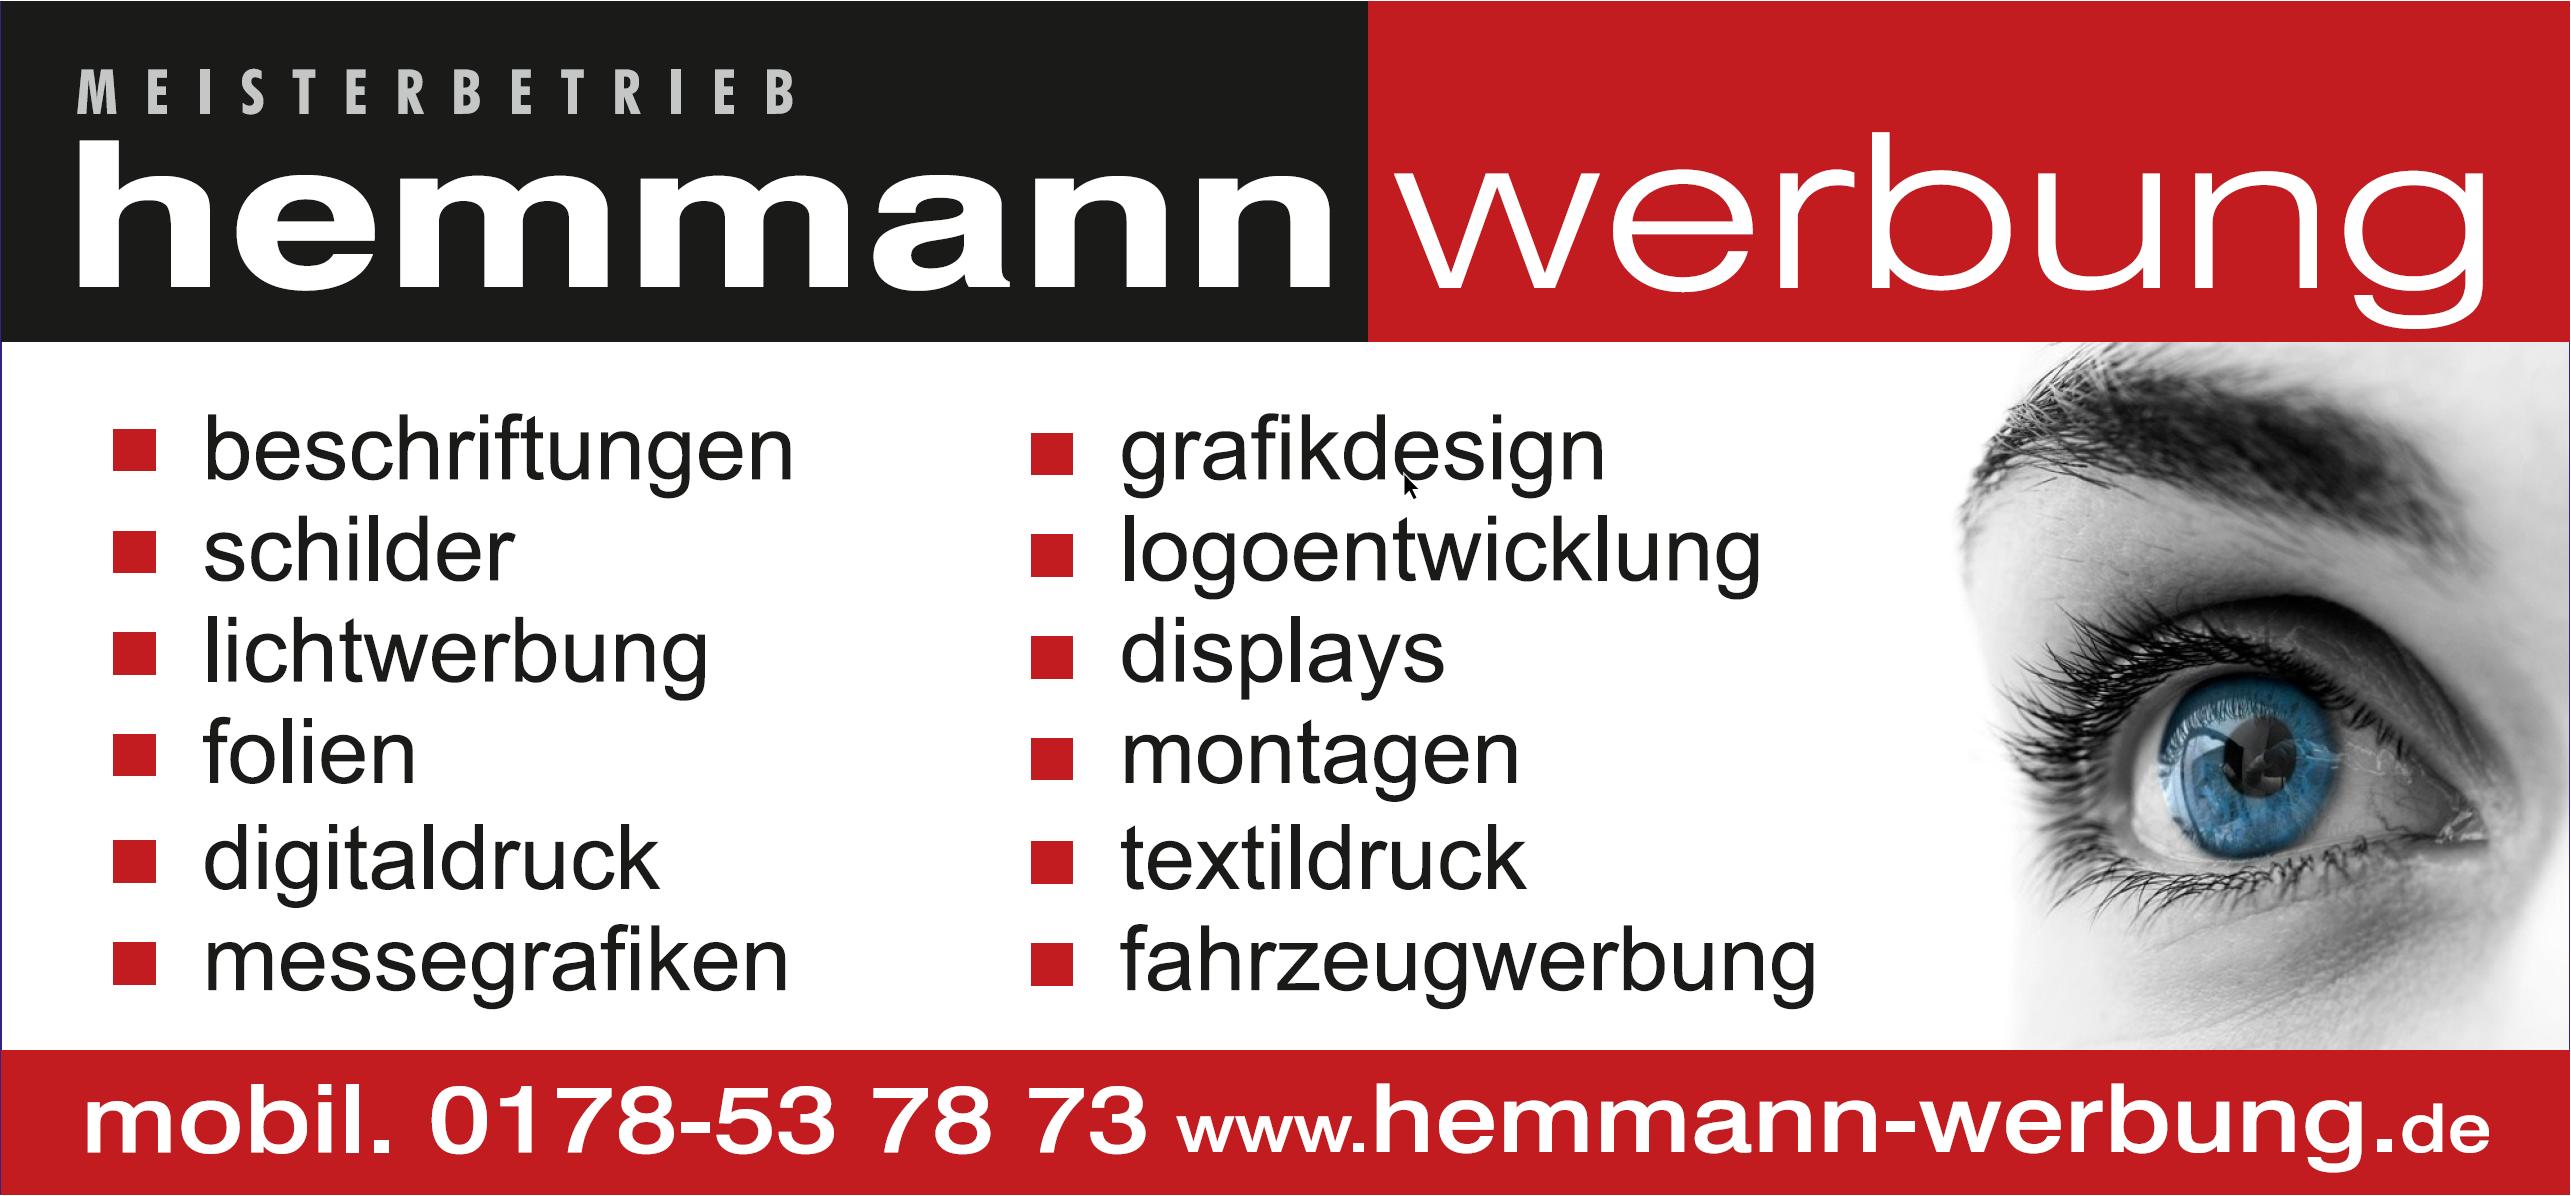 hemmann-werbung